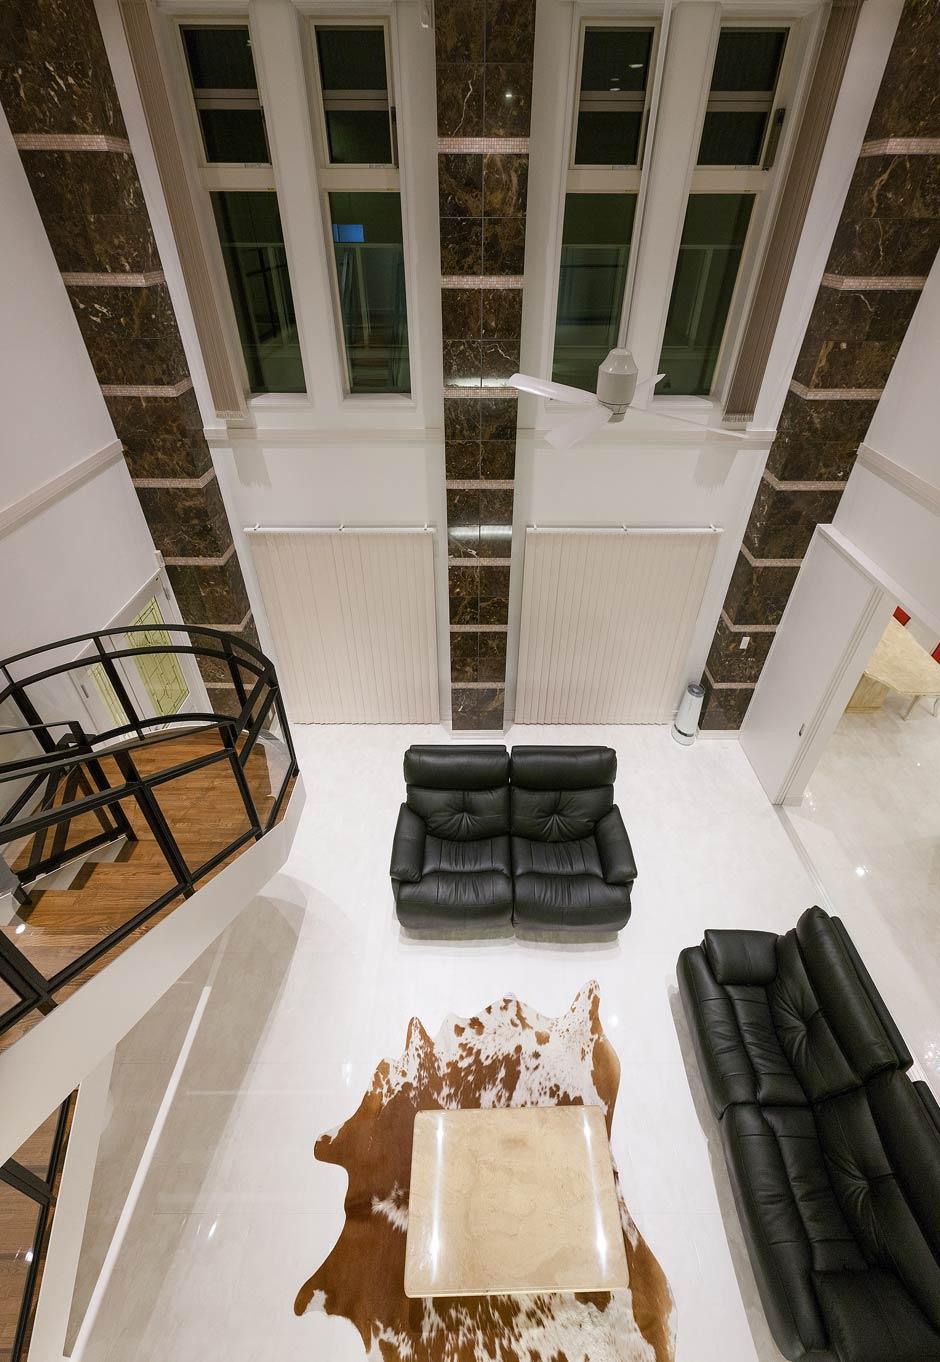 i.u.建築企画【デザイン住宅、建築家、インテリア】吹抜けからリビングを見下ろす。三本の大理石の柱がヨーロッパの伝統的なバロック建築様式の雰囲気を